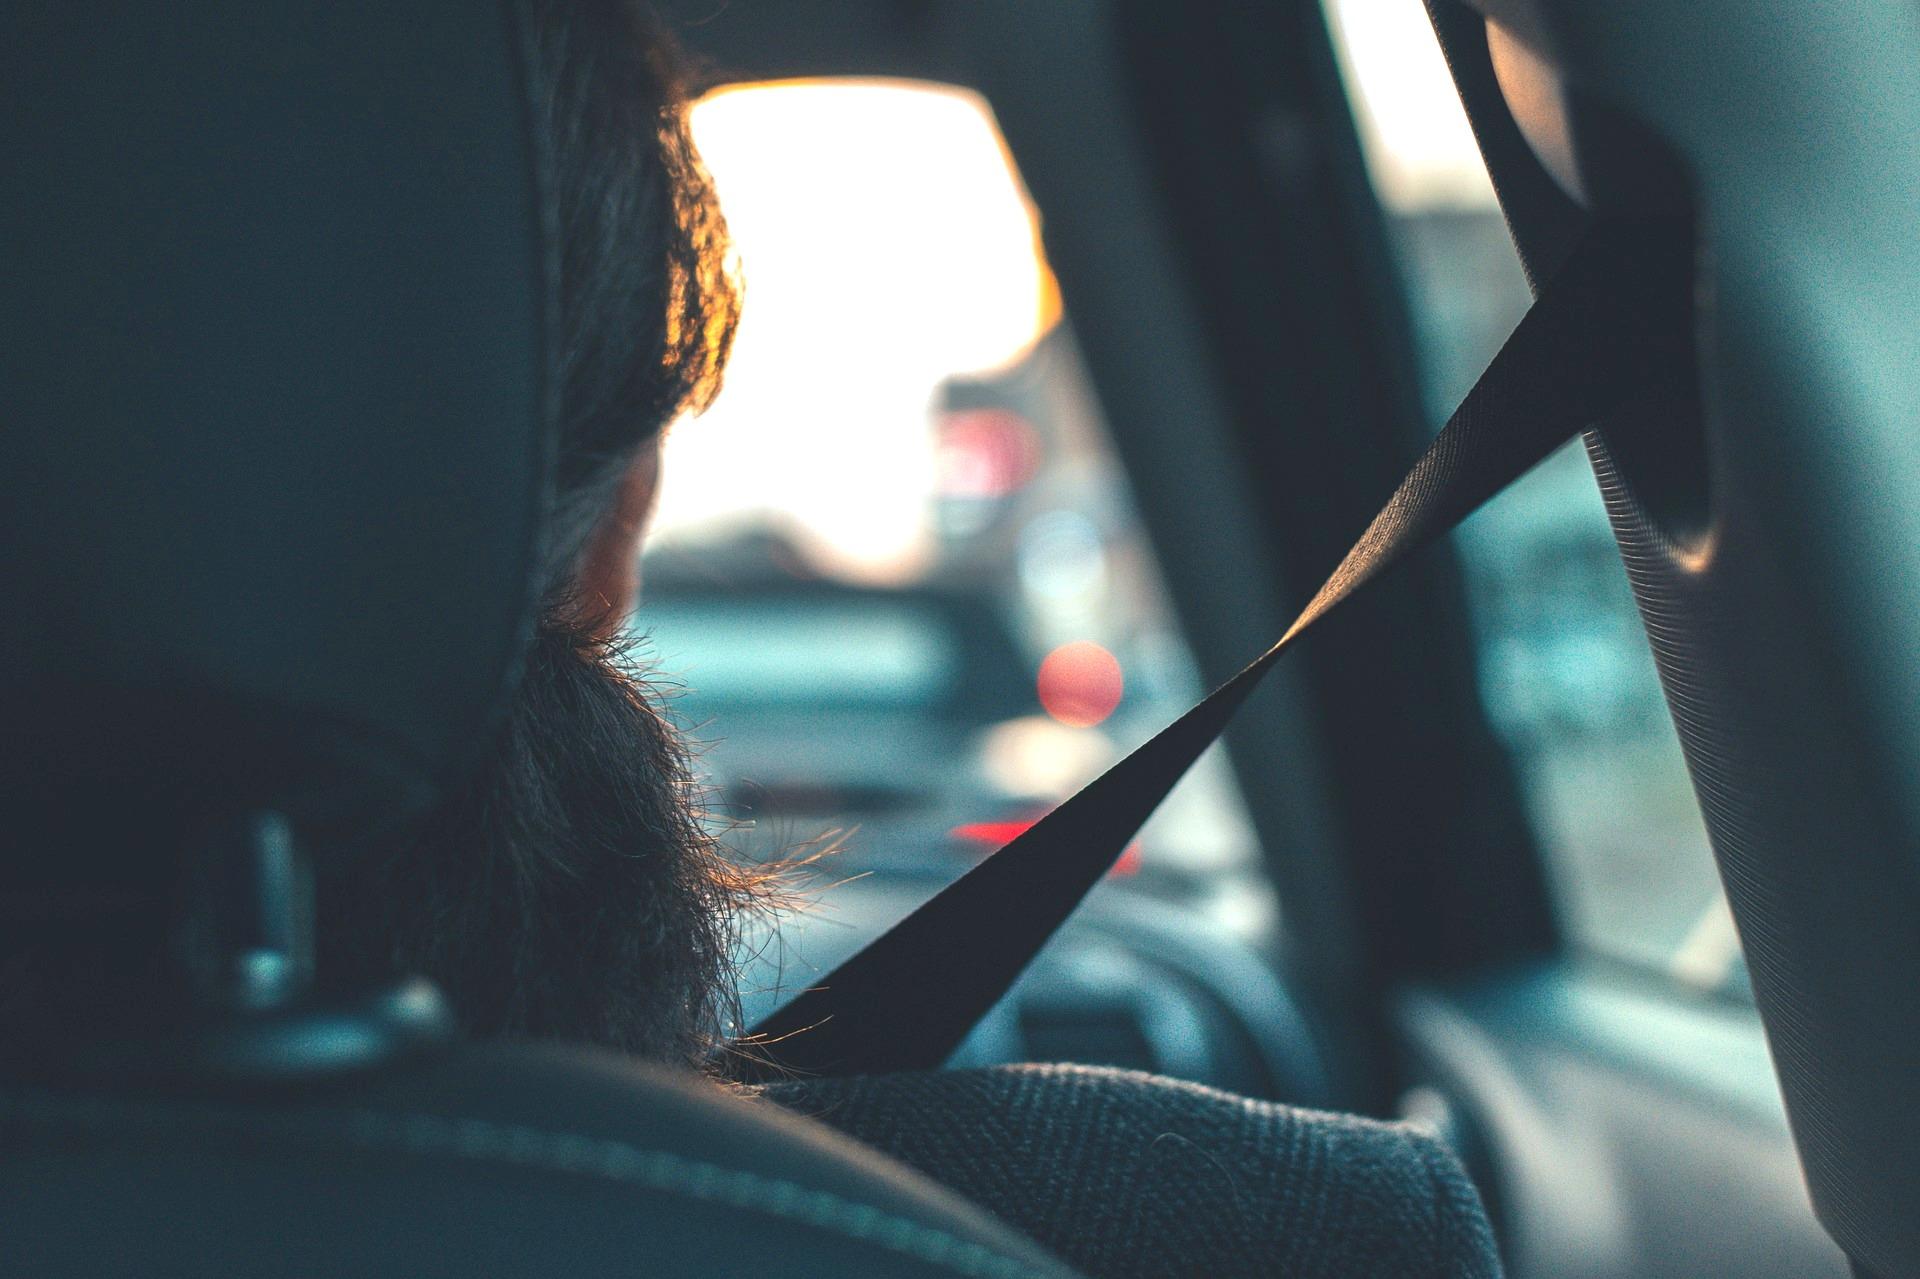 Pasajeros sin cinturón de seguridad. ¿Quién paga la multa?